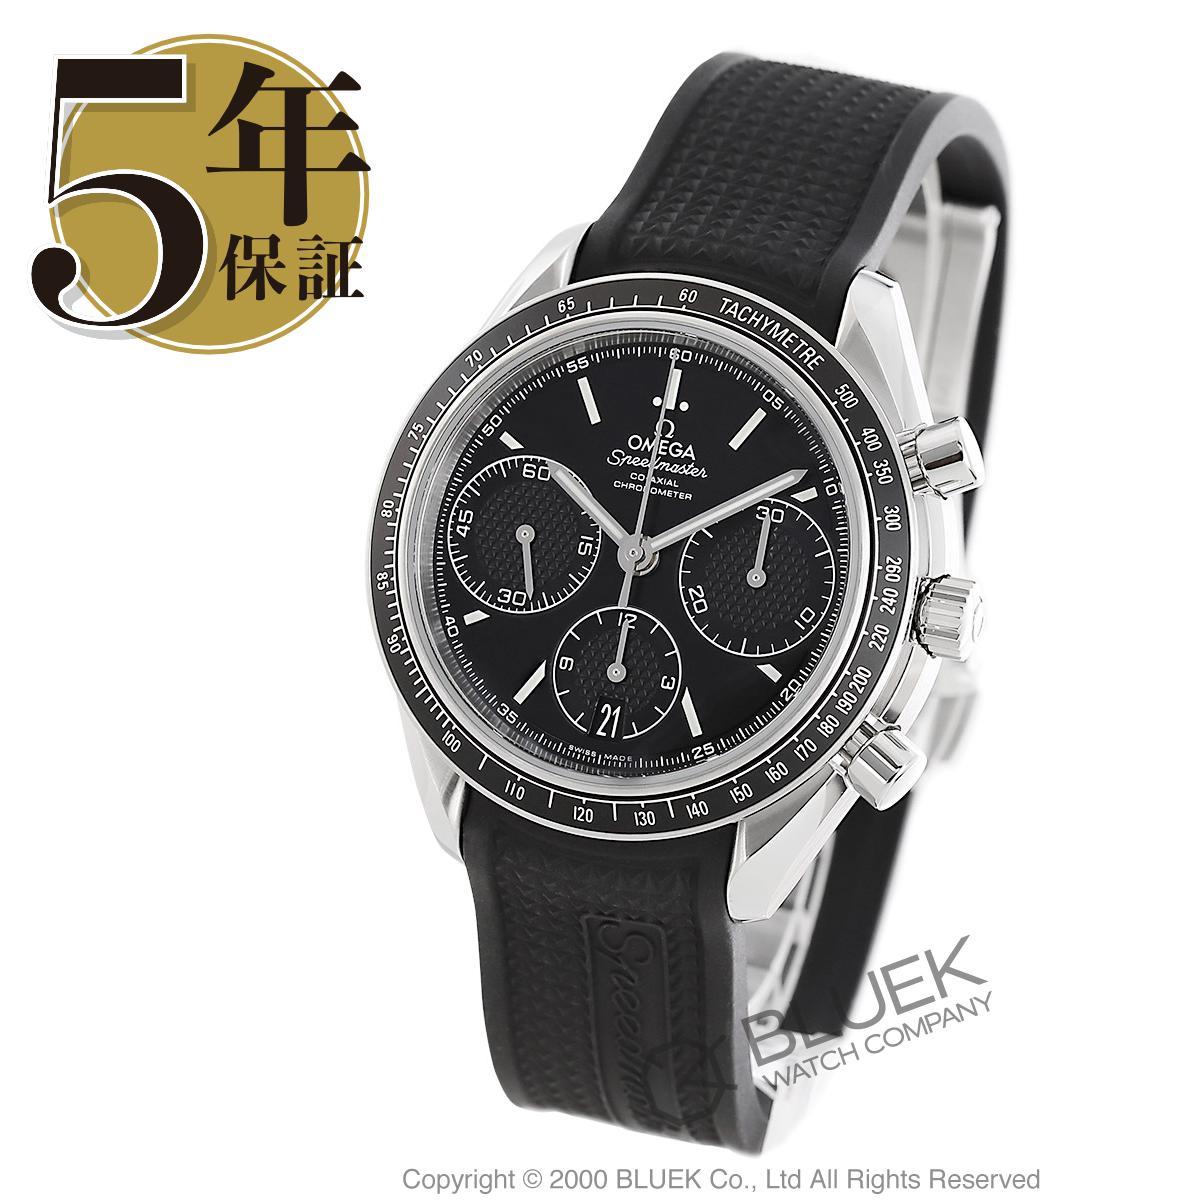 オメガ スピードマスター レーシング クロノグラフ 腕時計 メンズ OMEGA 326.32.40.50.01.001_5